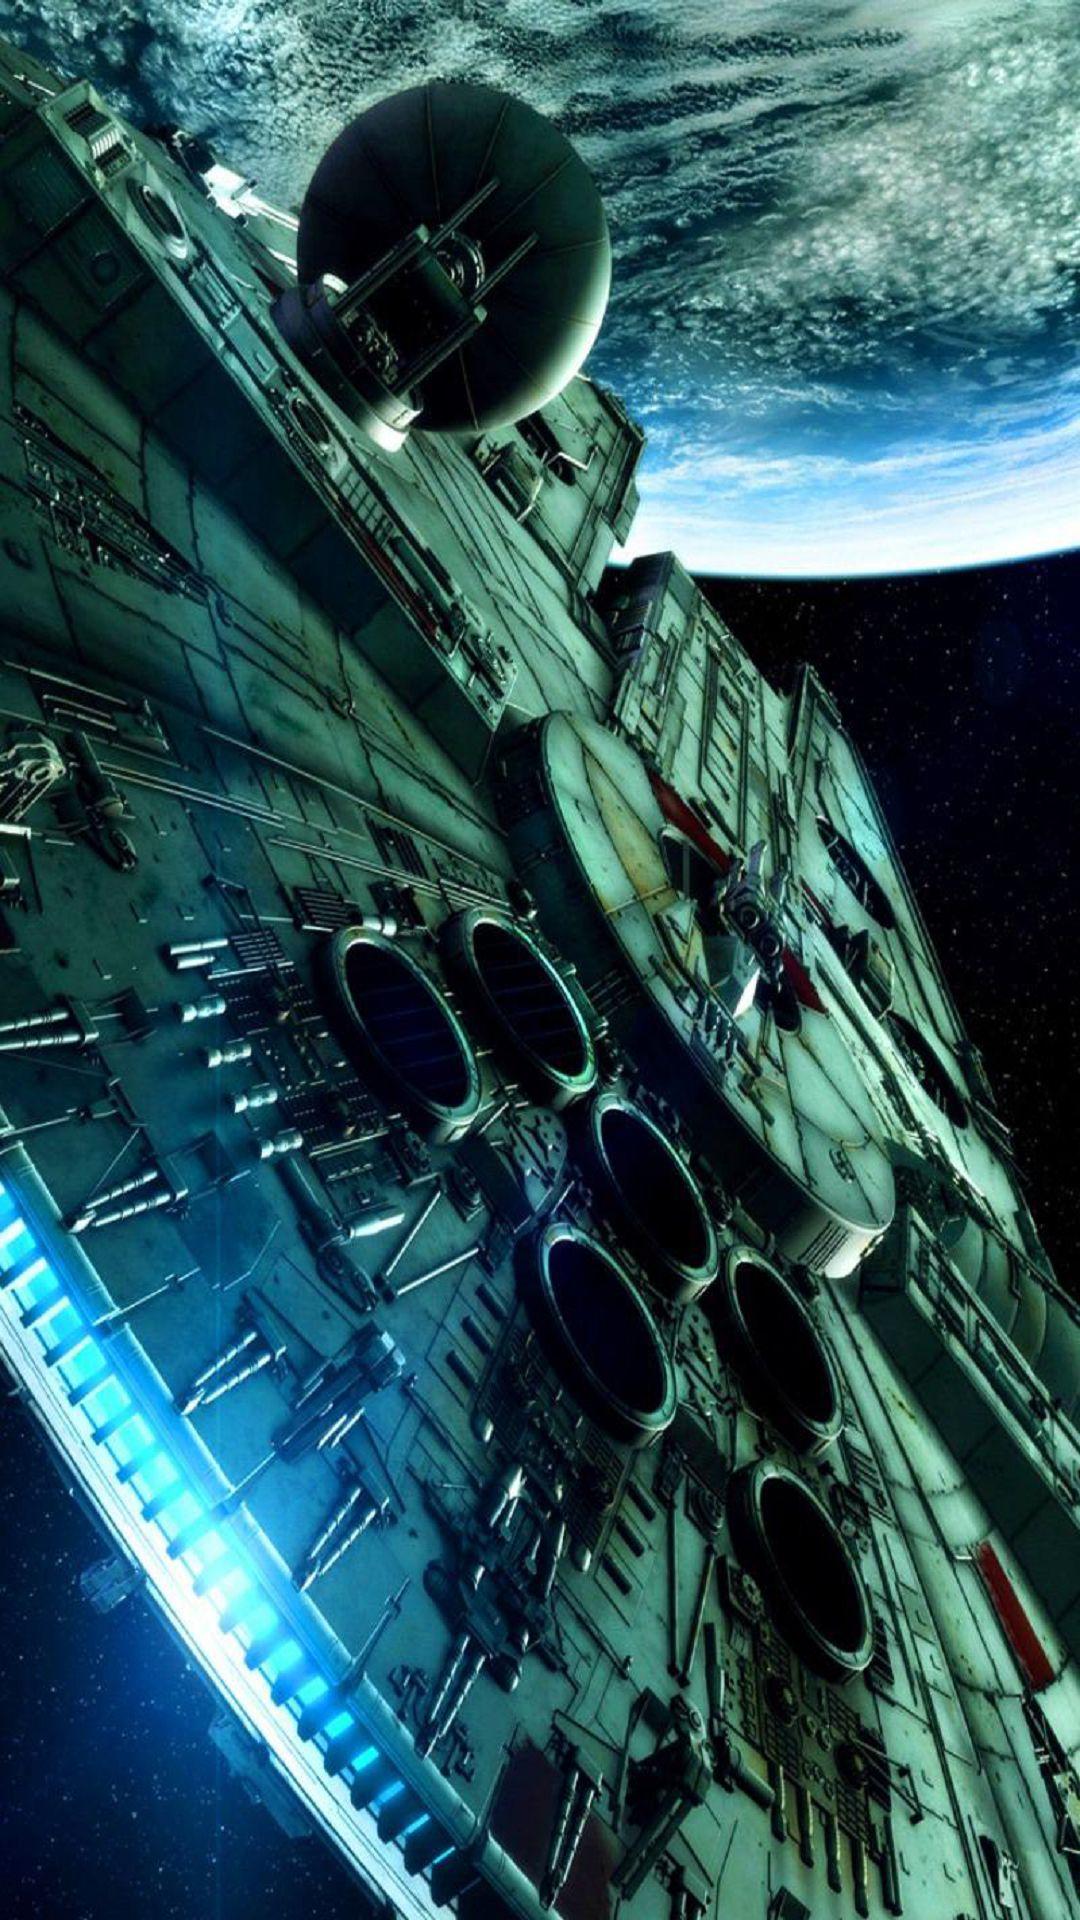 Star Wars Iphone Wallpaper Hd Photo Star Wars Backgrounds Iphone 6 988005 Hd Wallpaper Backgrounds Download